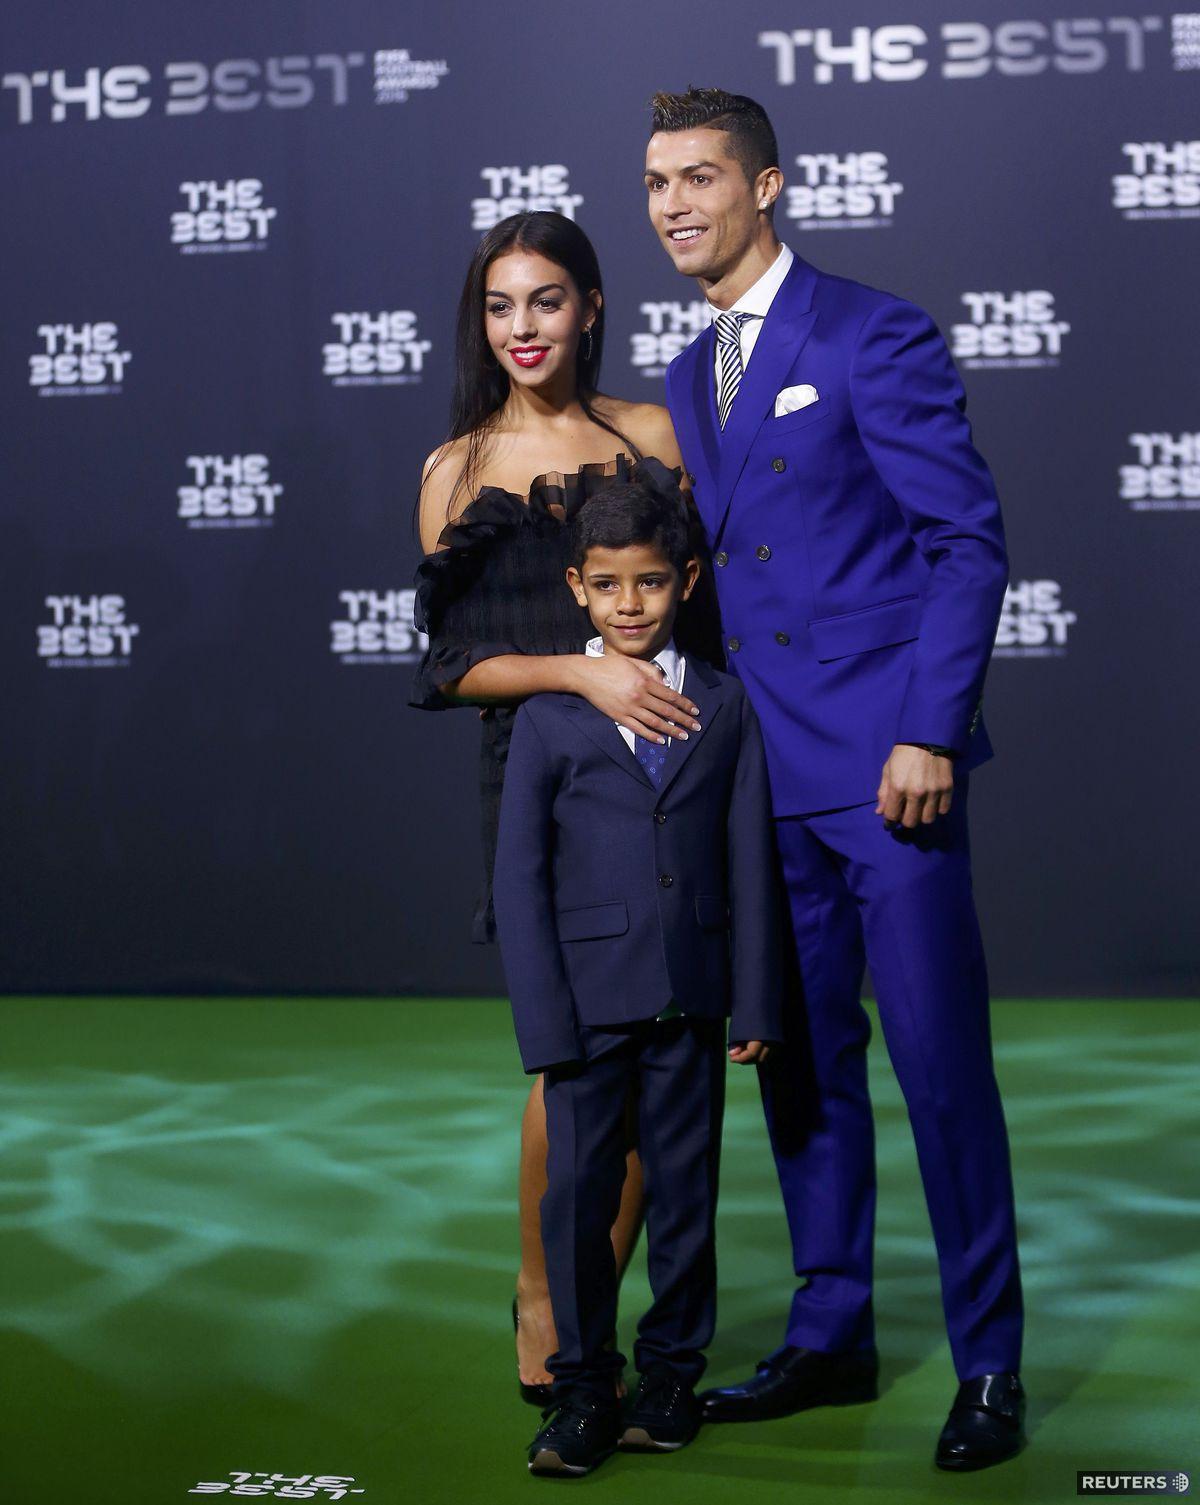 Najlepší hráč roka 2016 podľa Medzinárodnej futbalovej federácie (FIFA) Cristiano Ronaldo a jeho syn,  Cristiano Ronaldo Jr. a  Georgina Rodriguez.